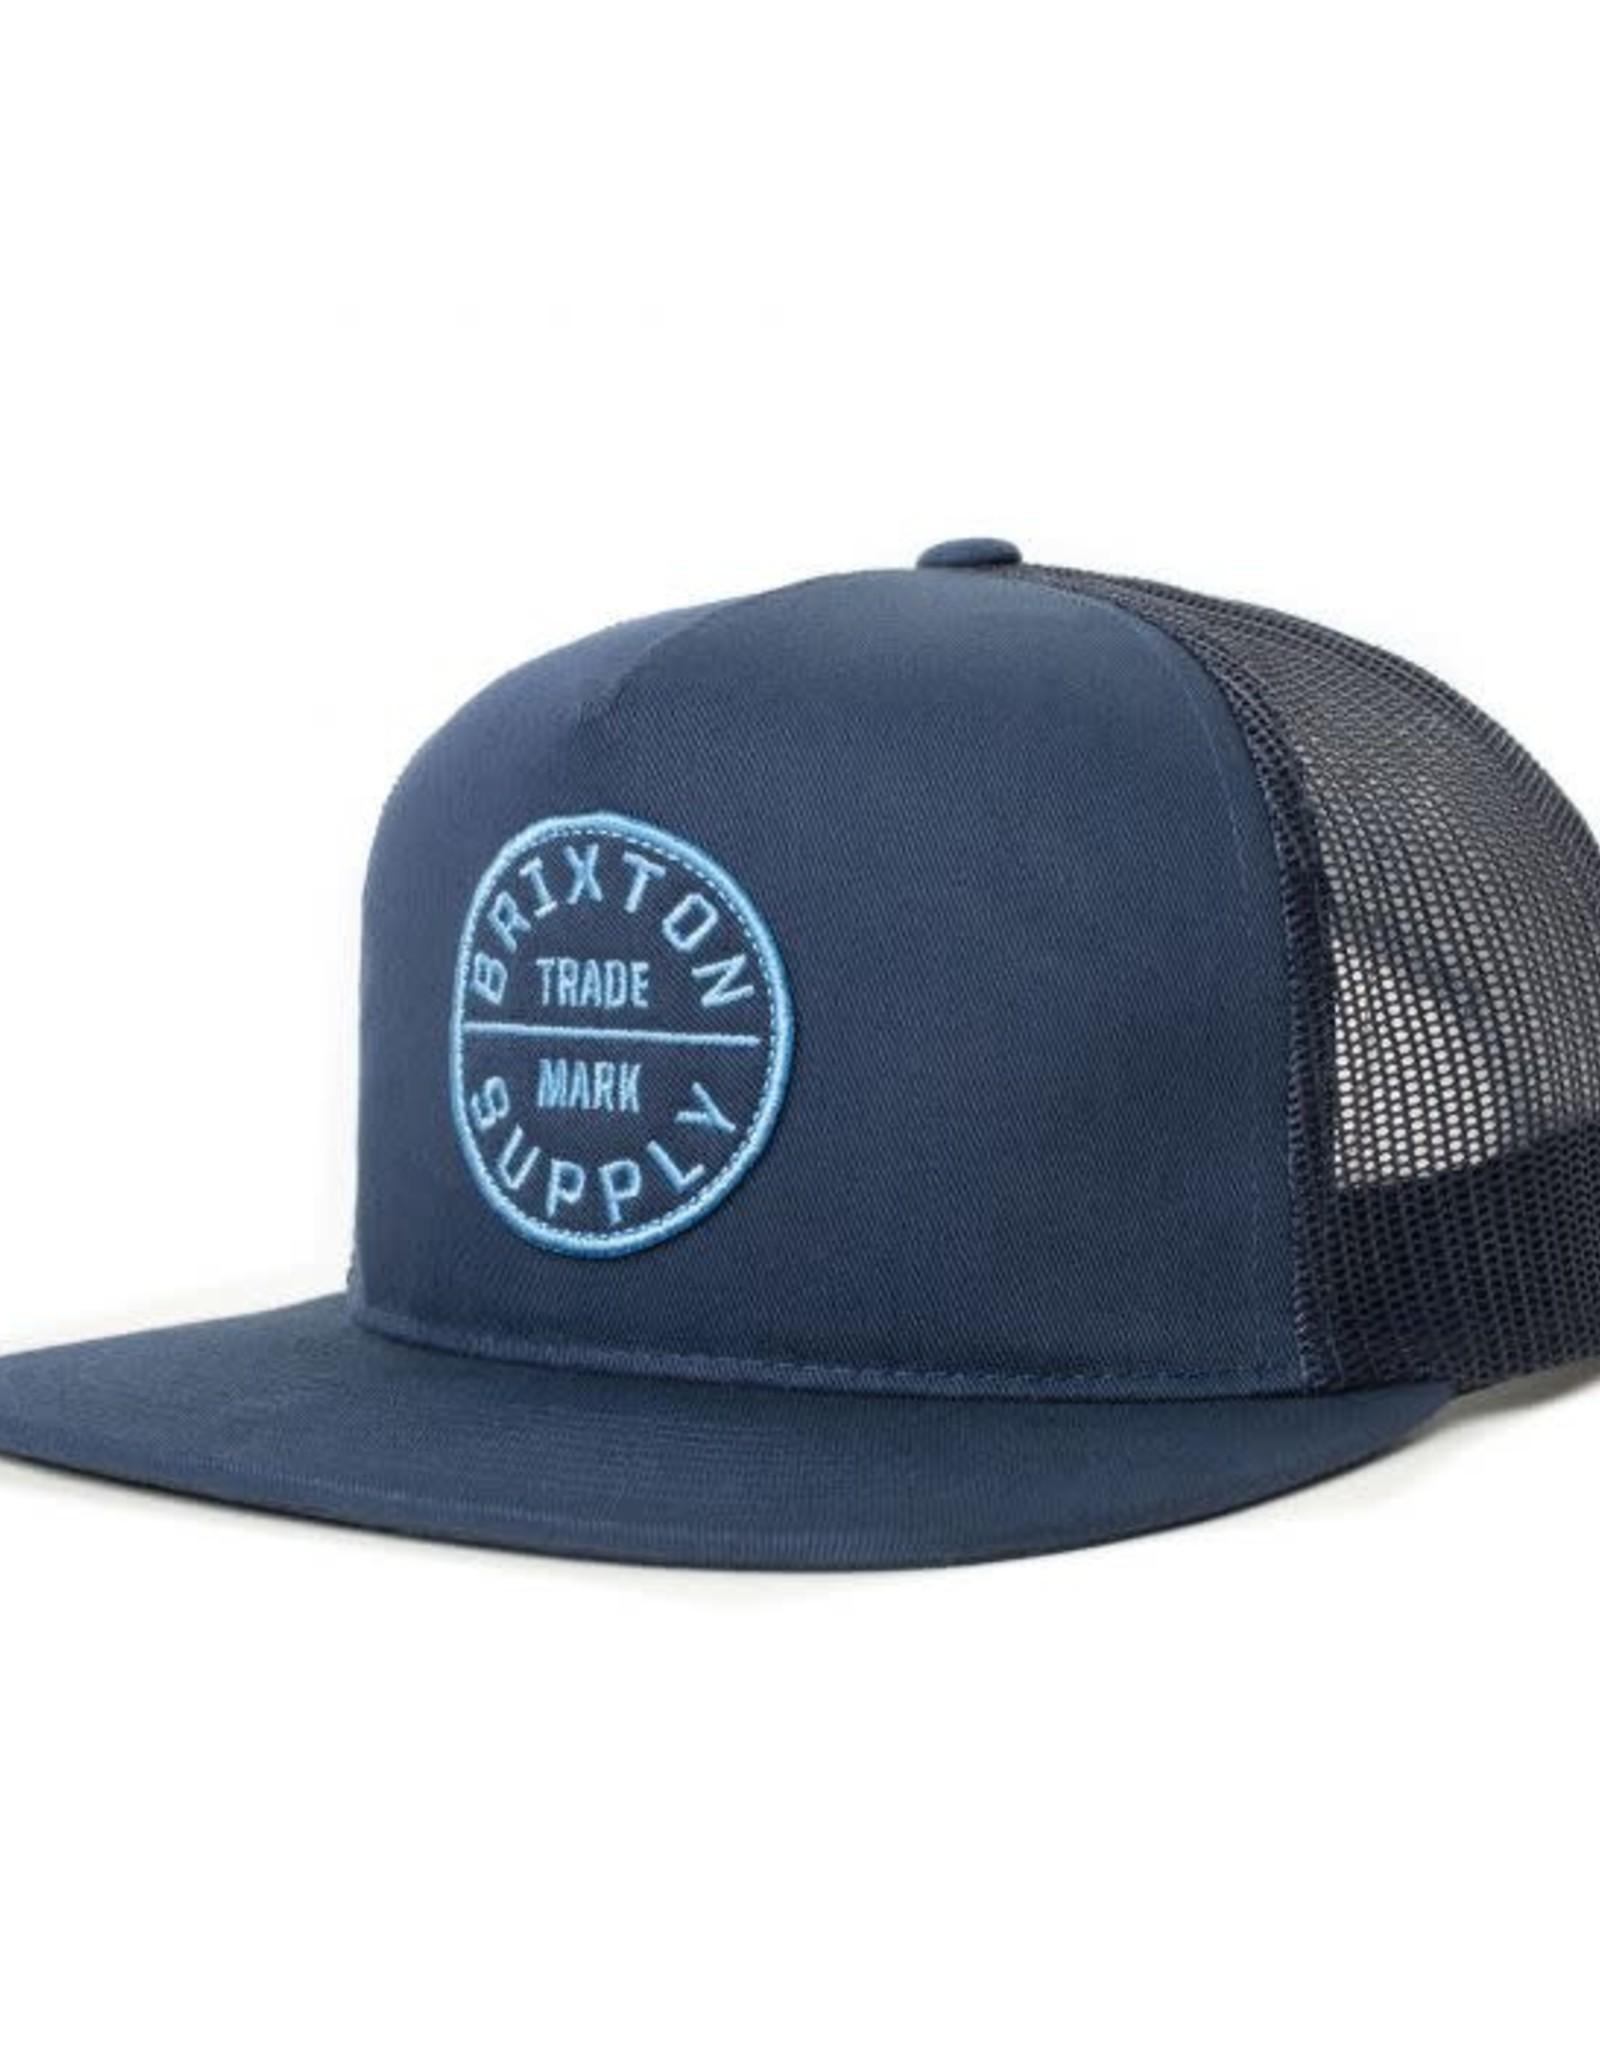 BRIXTON Oath III Mesh Cap - Washed Navy, Snapback